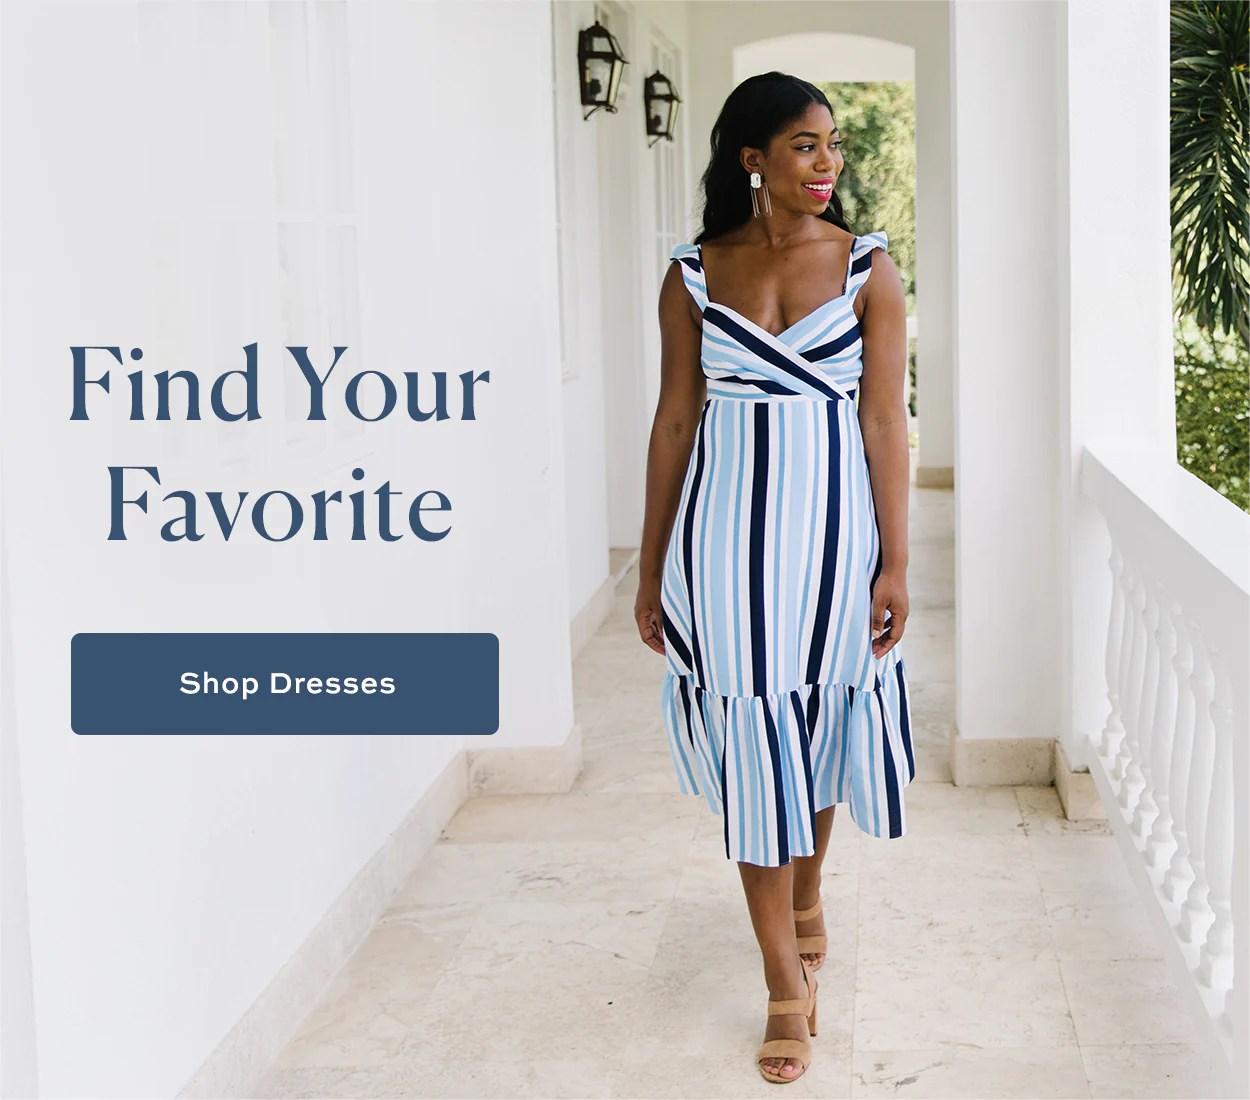 Shabby Chic Möbel Online Shop Schweiz Princessgreeneye